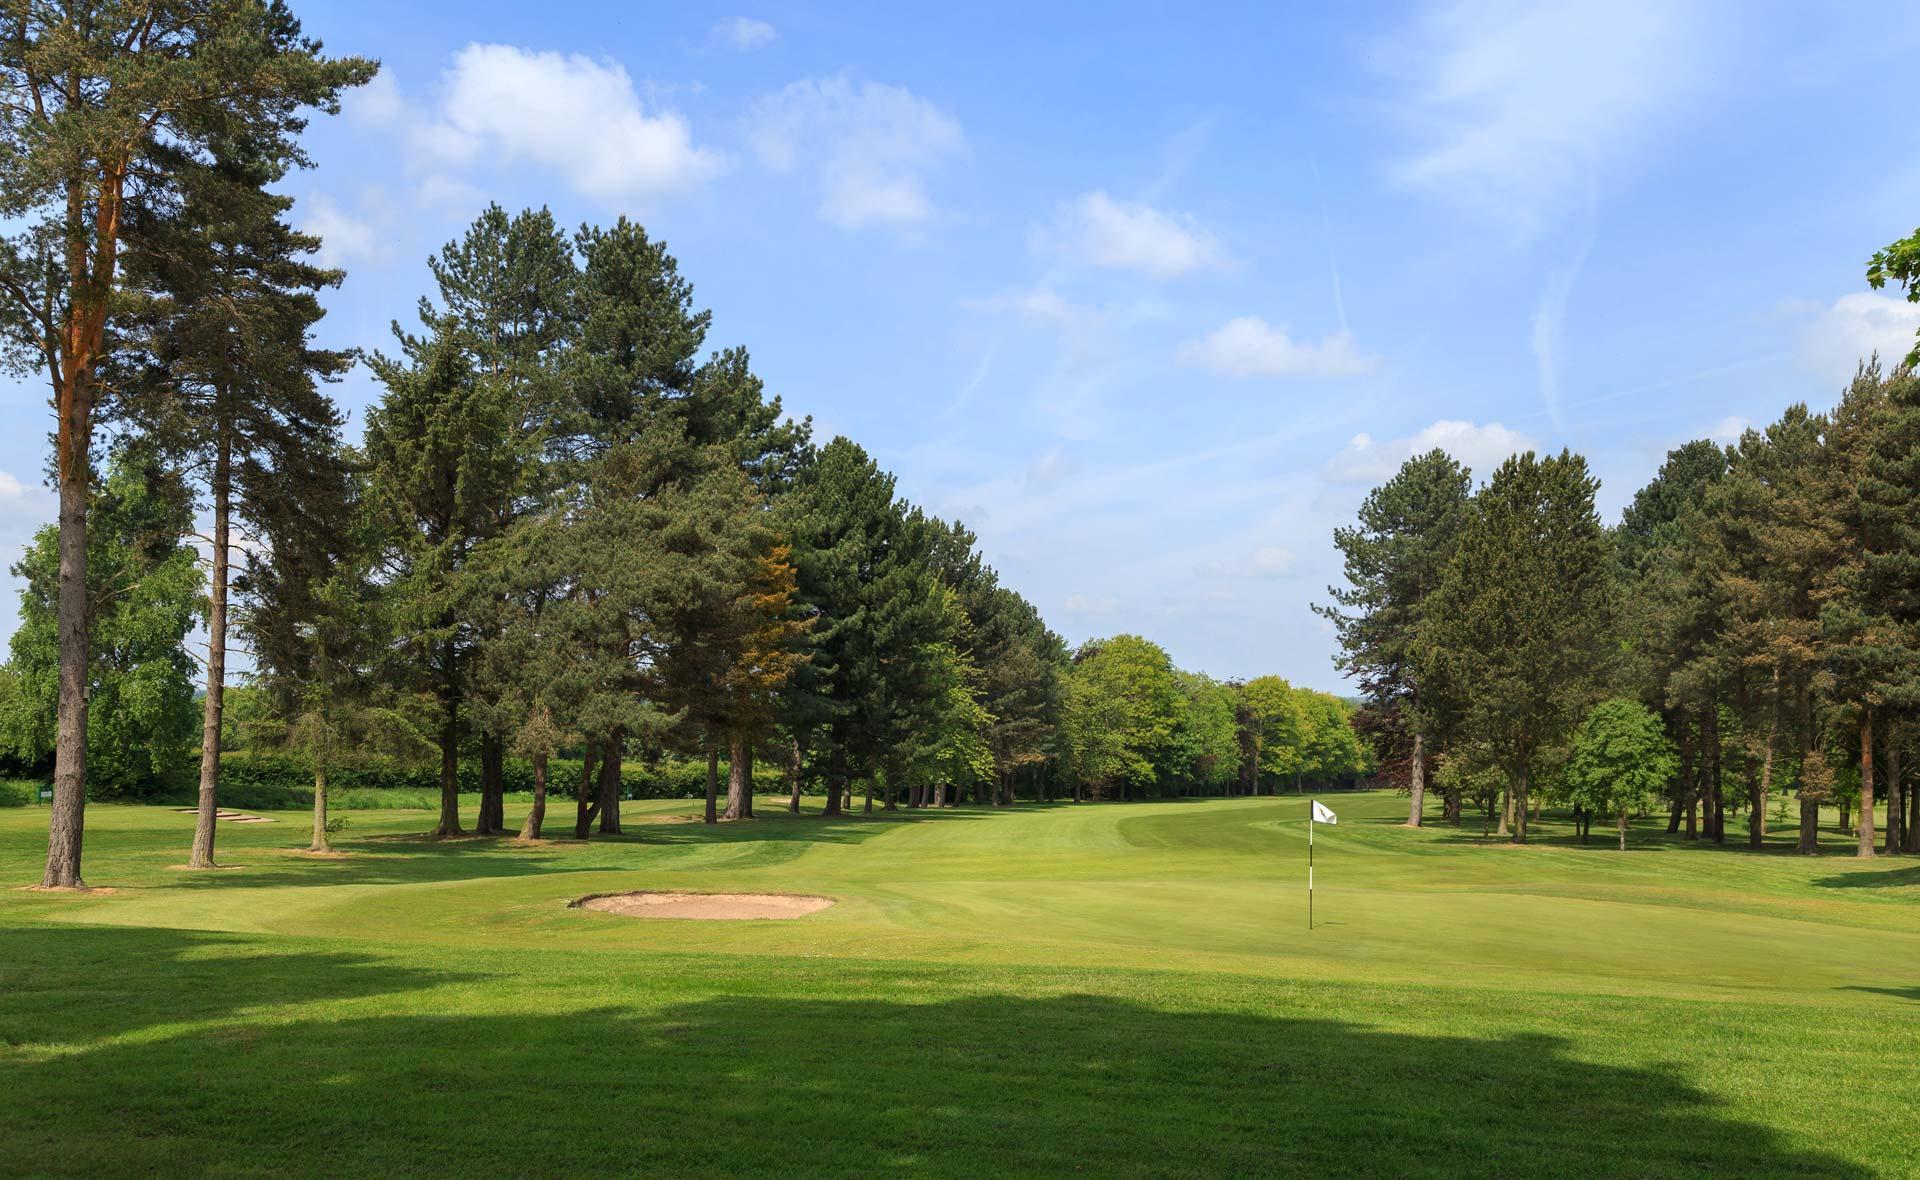 south staffordshire golf club hole 17